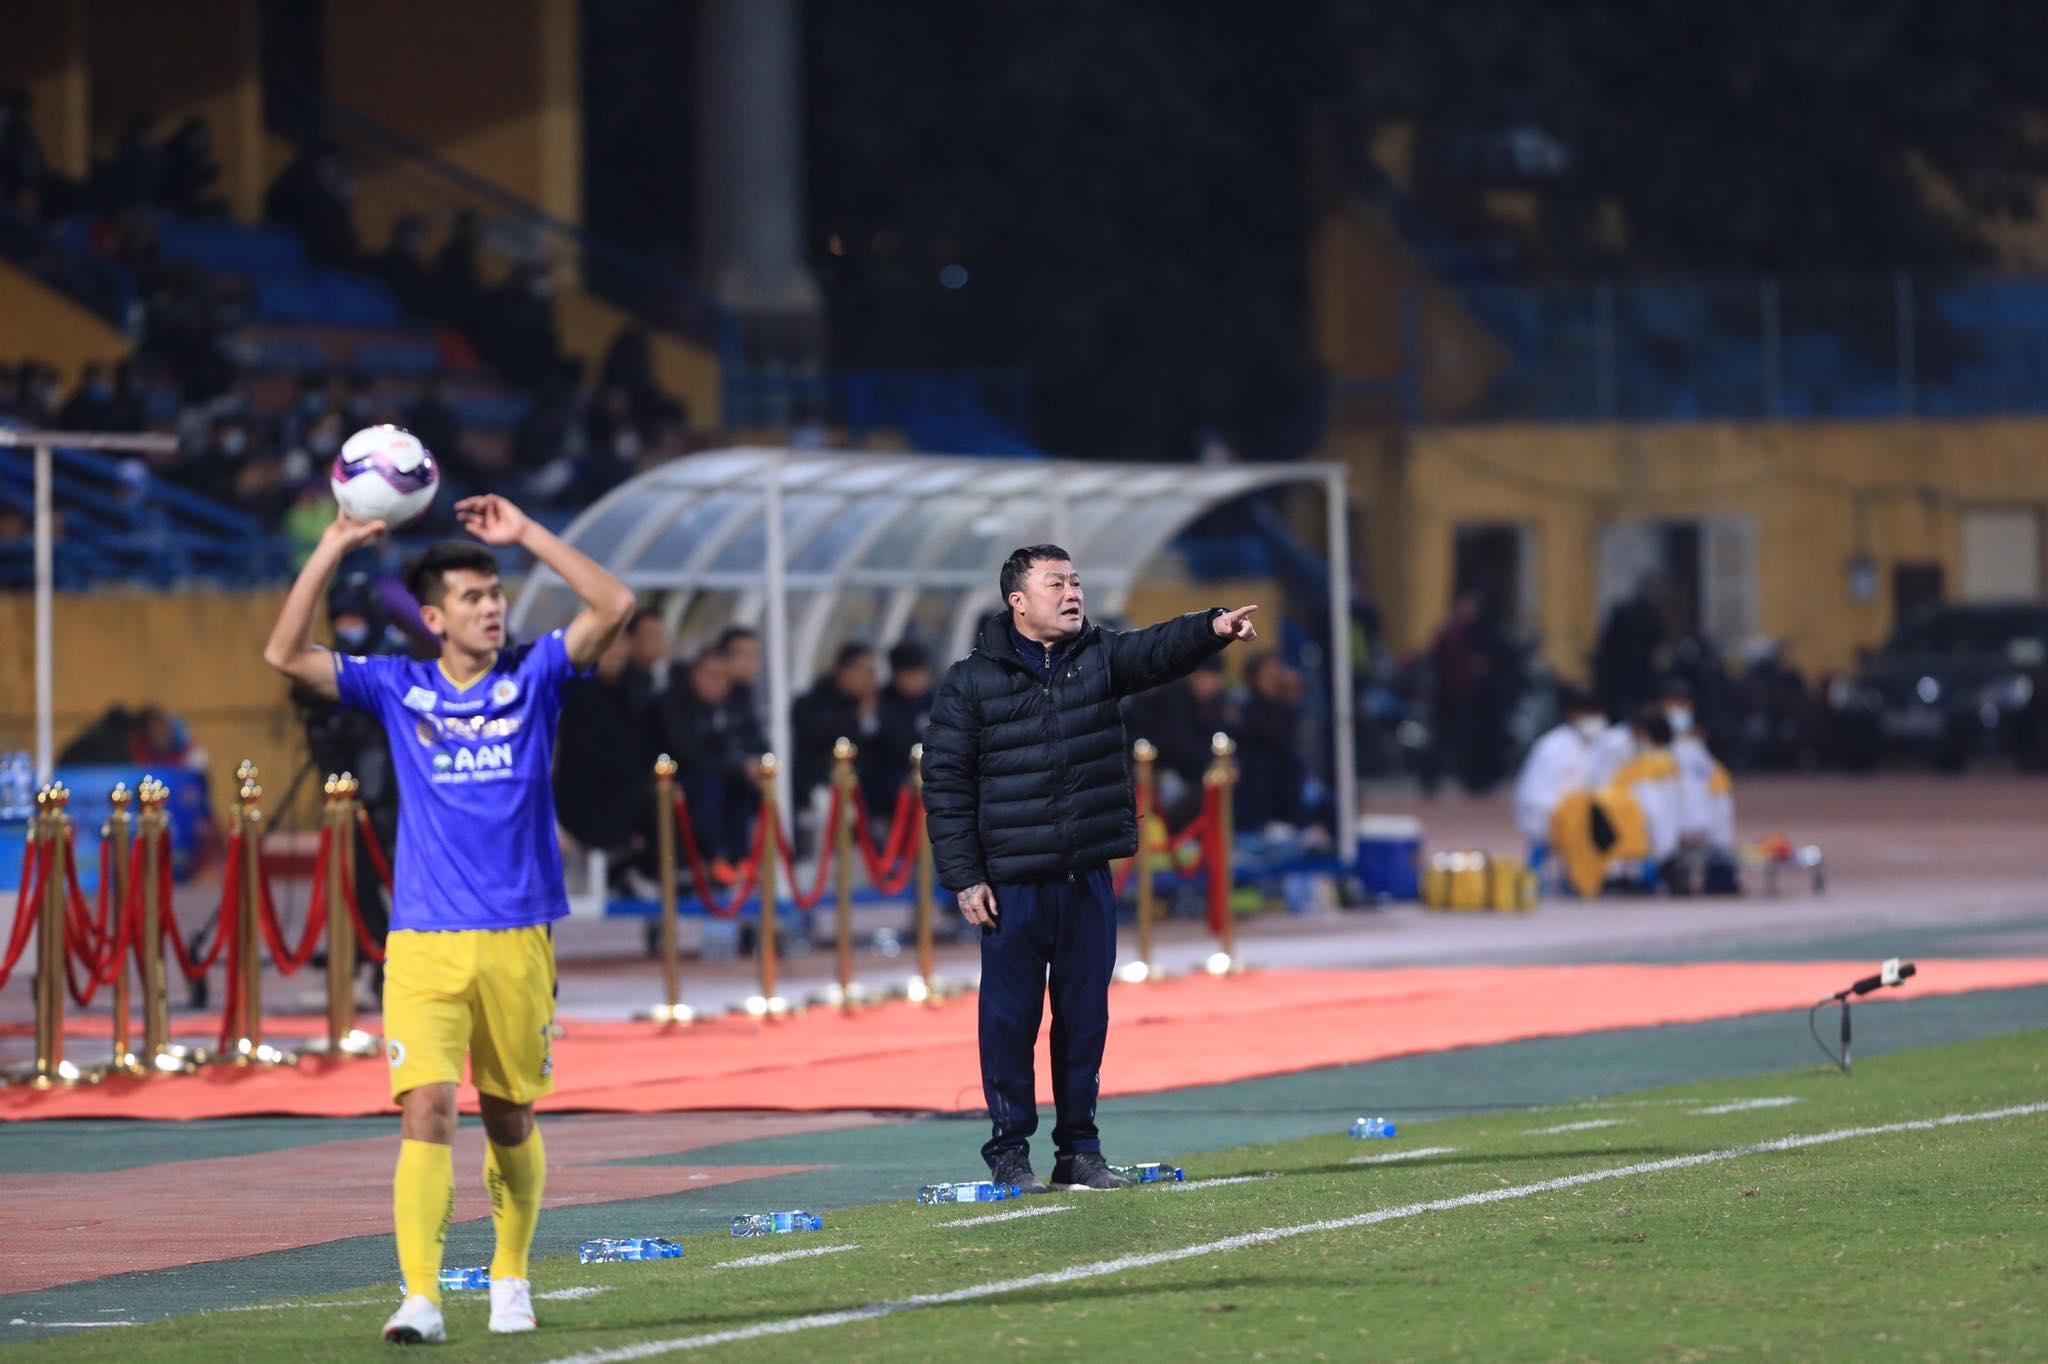 HLV Việt Hoàng hài lòng về màn trình diễn của đội nhà dù Viettel thất bại ở Siêu Cúp  - Ảnh: Đức Cường